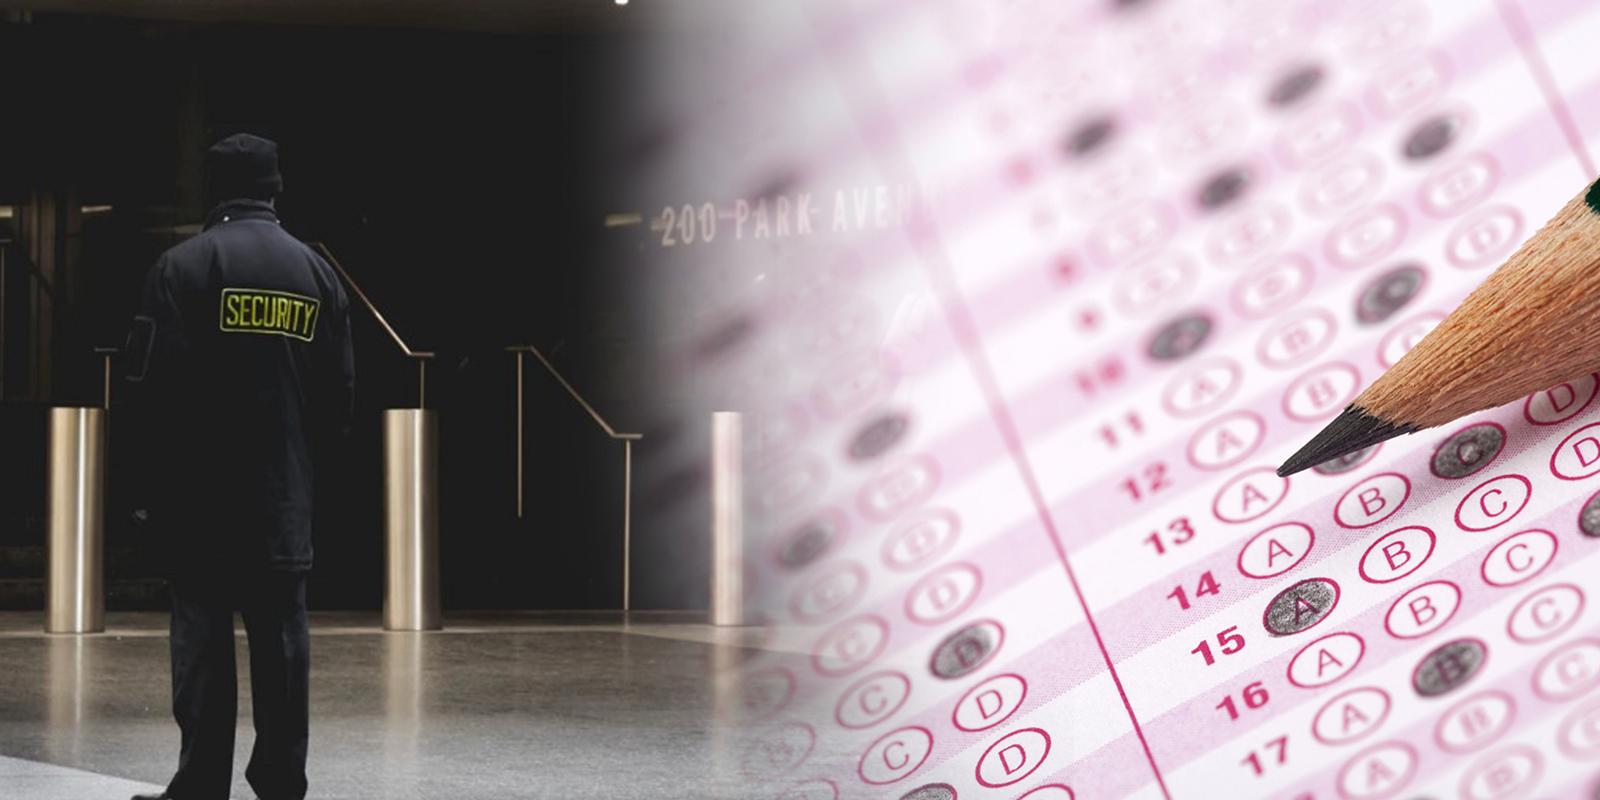 Özel Güvenlik sınav sonuçları açıklandı mı 2021? 91. Dönem ÖGG sınav sonuçları nasıl öğrenilir?